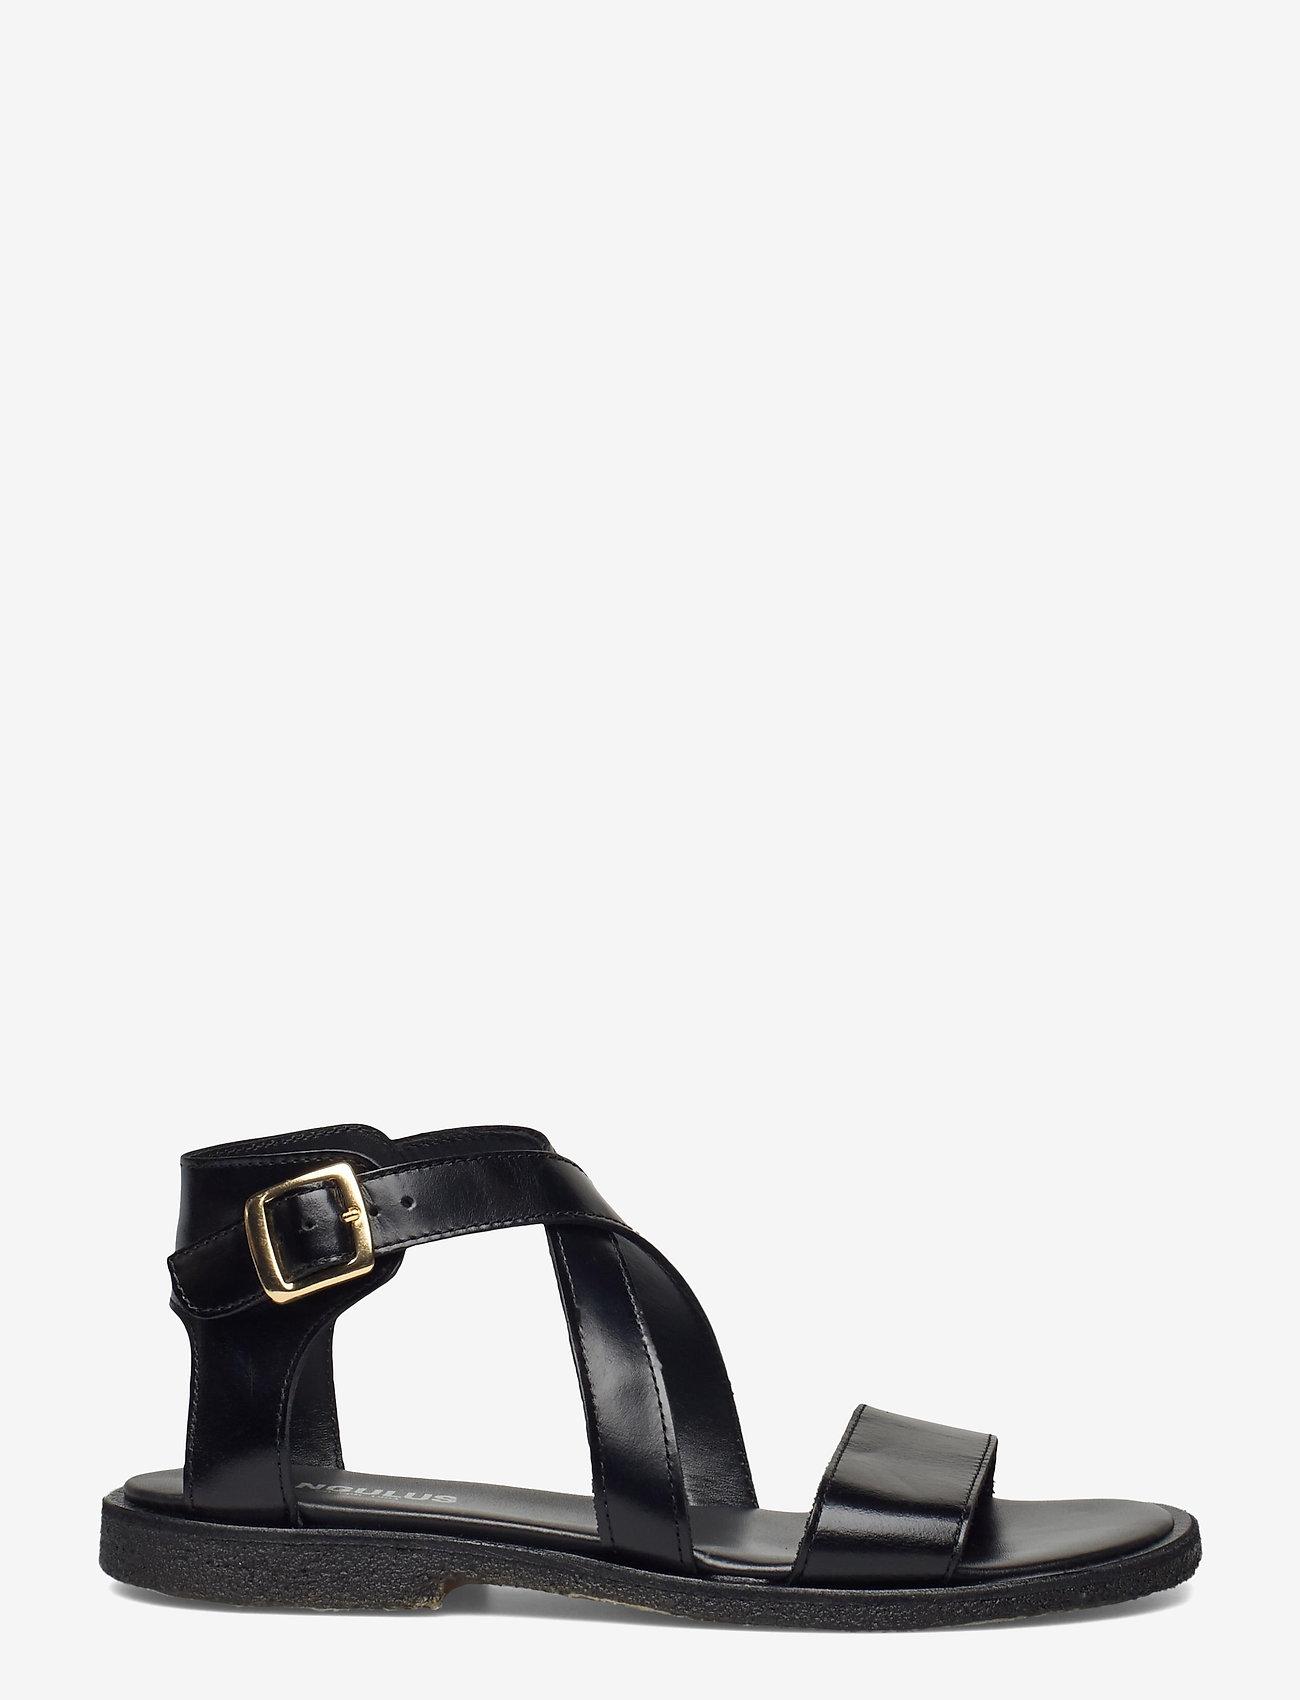 ANGULUS - 5442 - flat sandals - 1835 black - 1